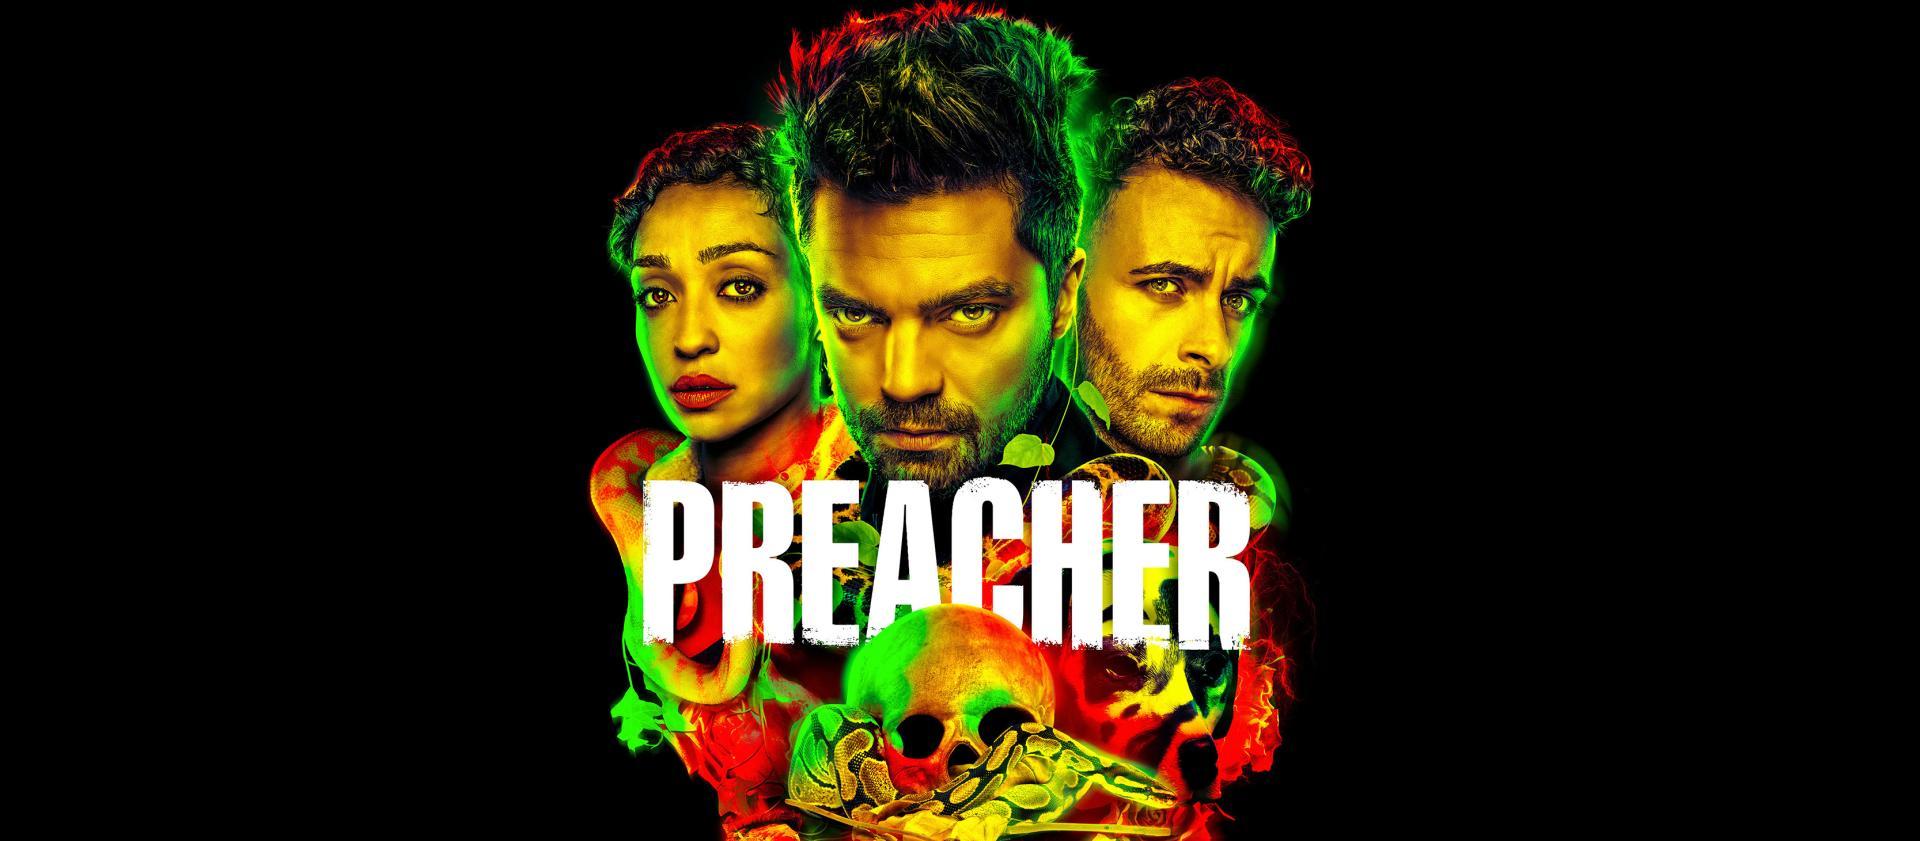 Preacher 3. évad értékelése (2018)